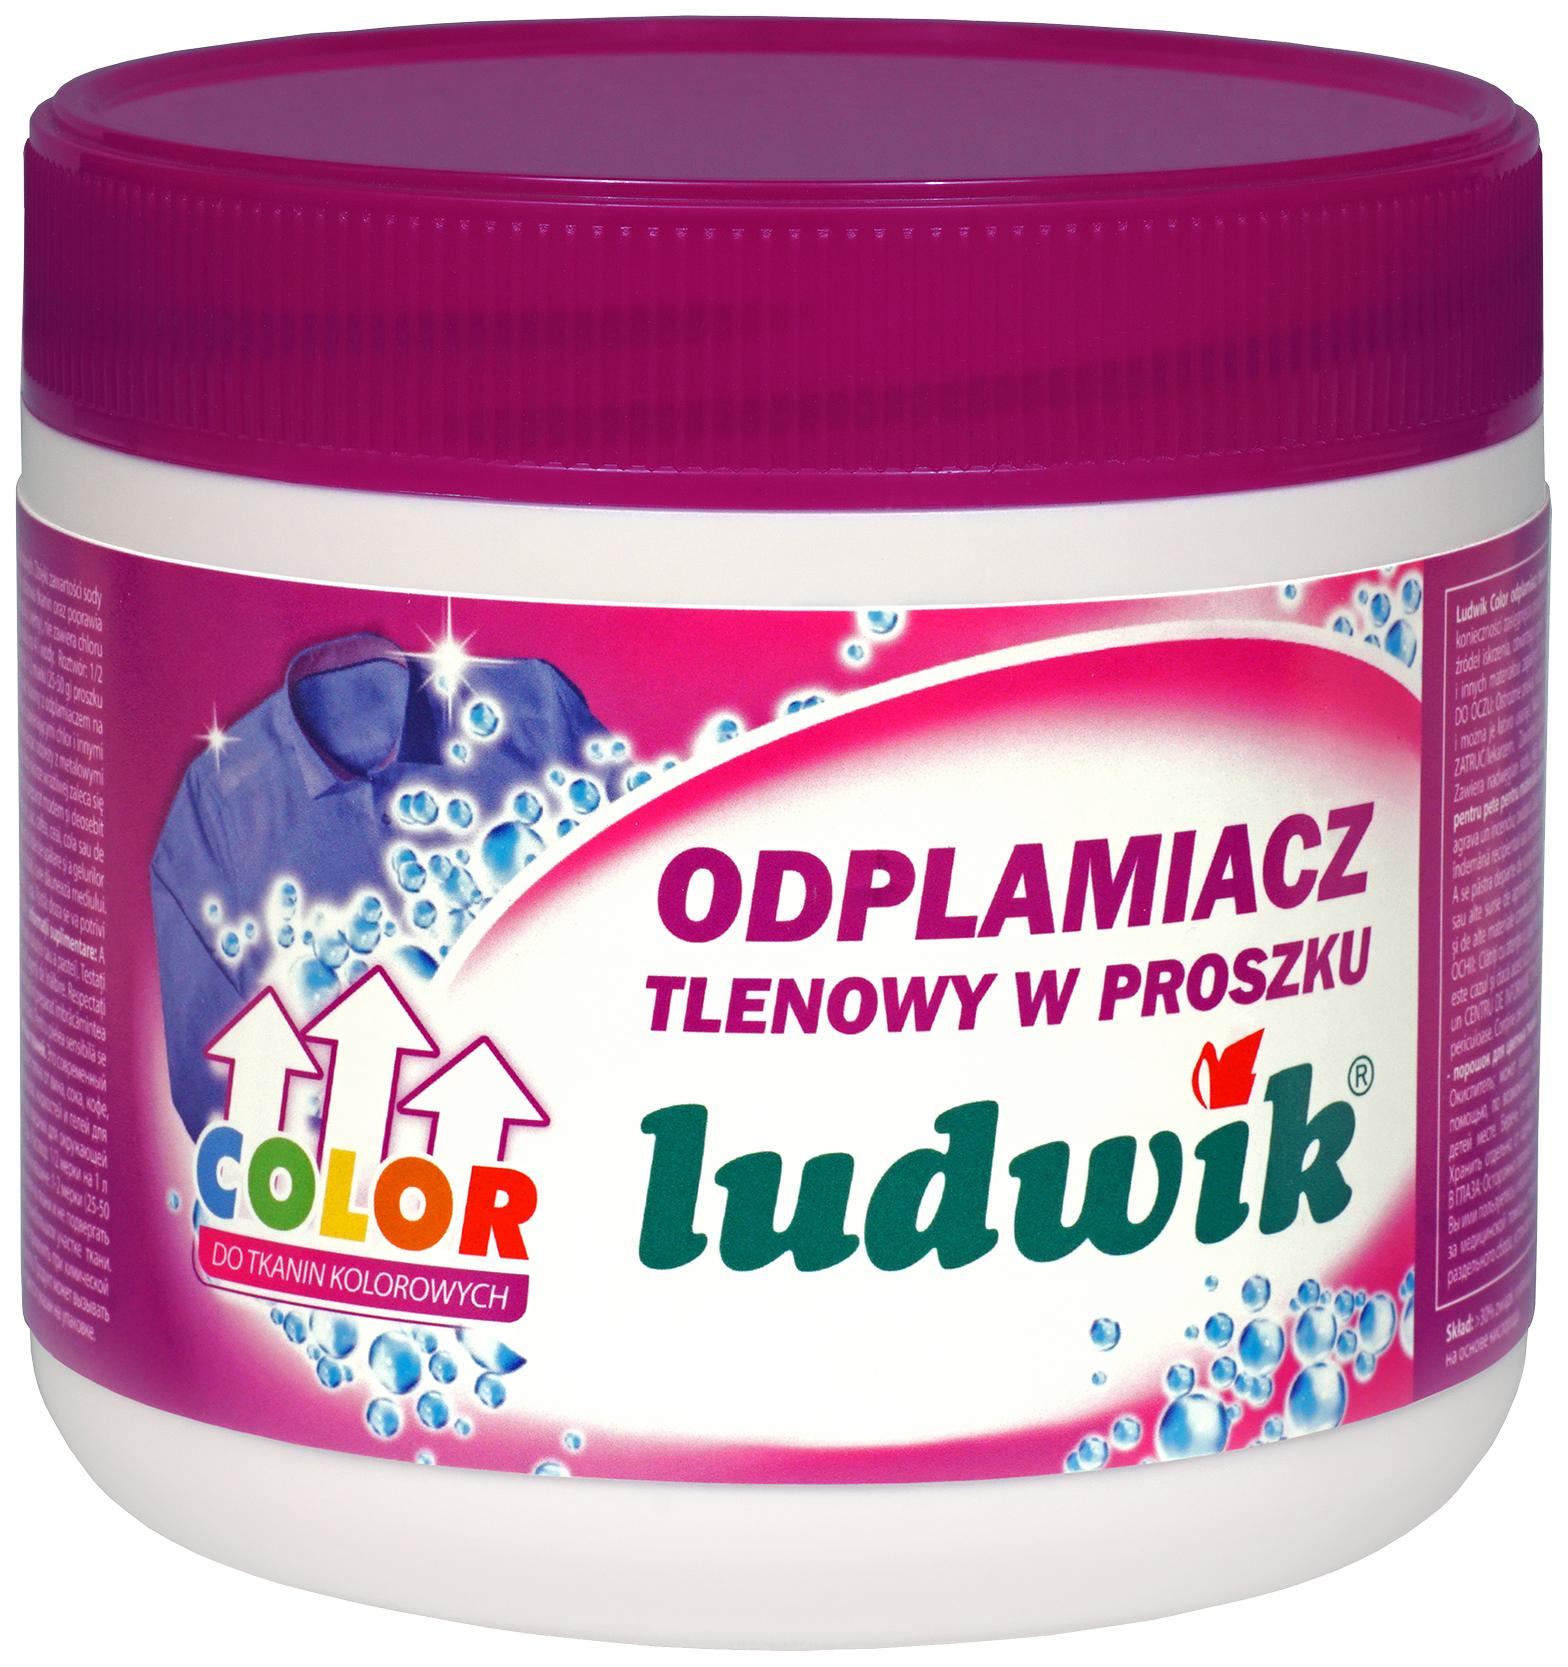 Пятновыводитель Ludwik color для цветных тканей